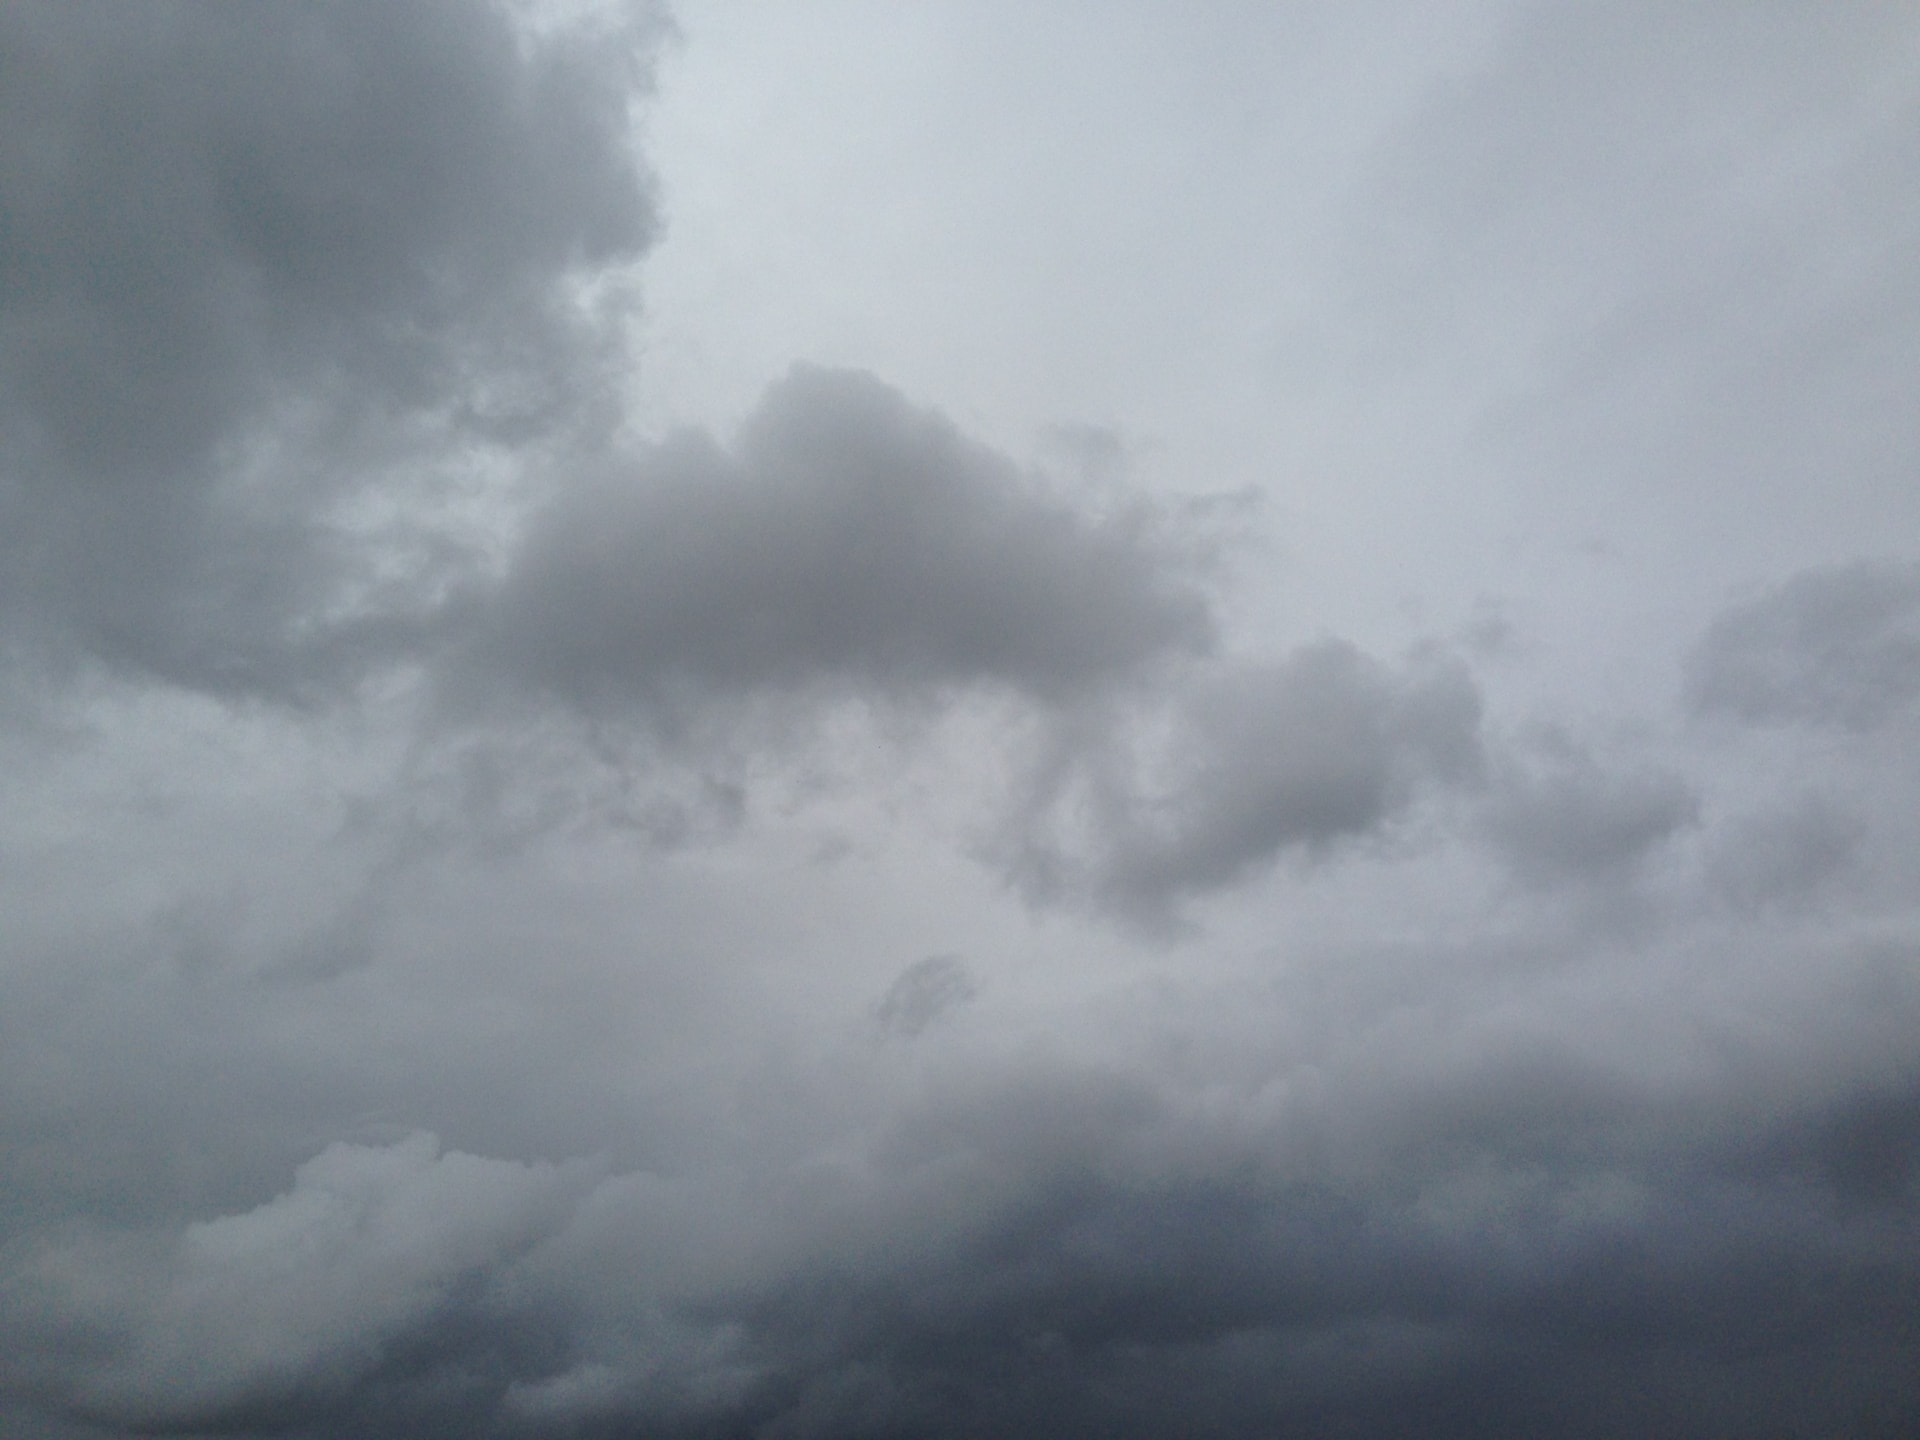 もしかして天気痛?台風や雨の日に原因不明の頭痛・・・